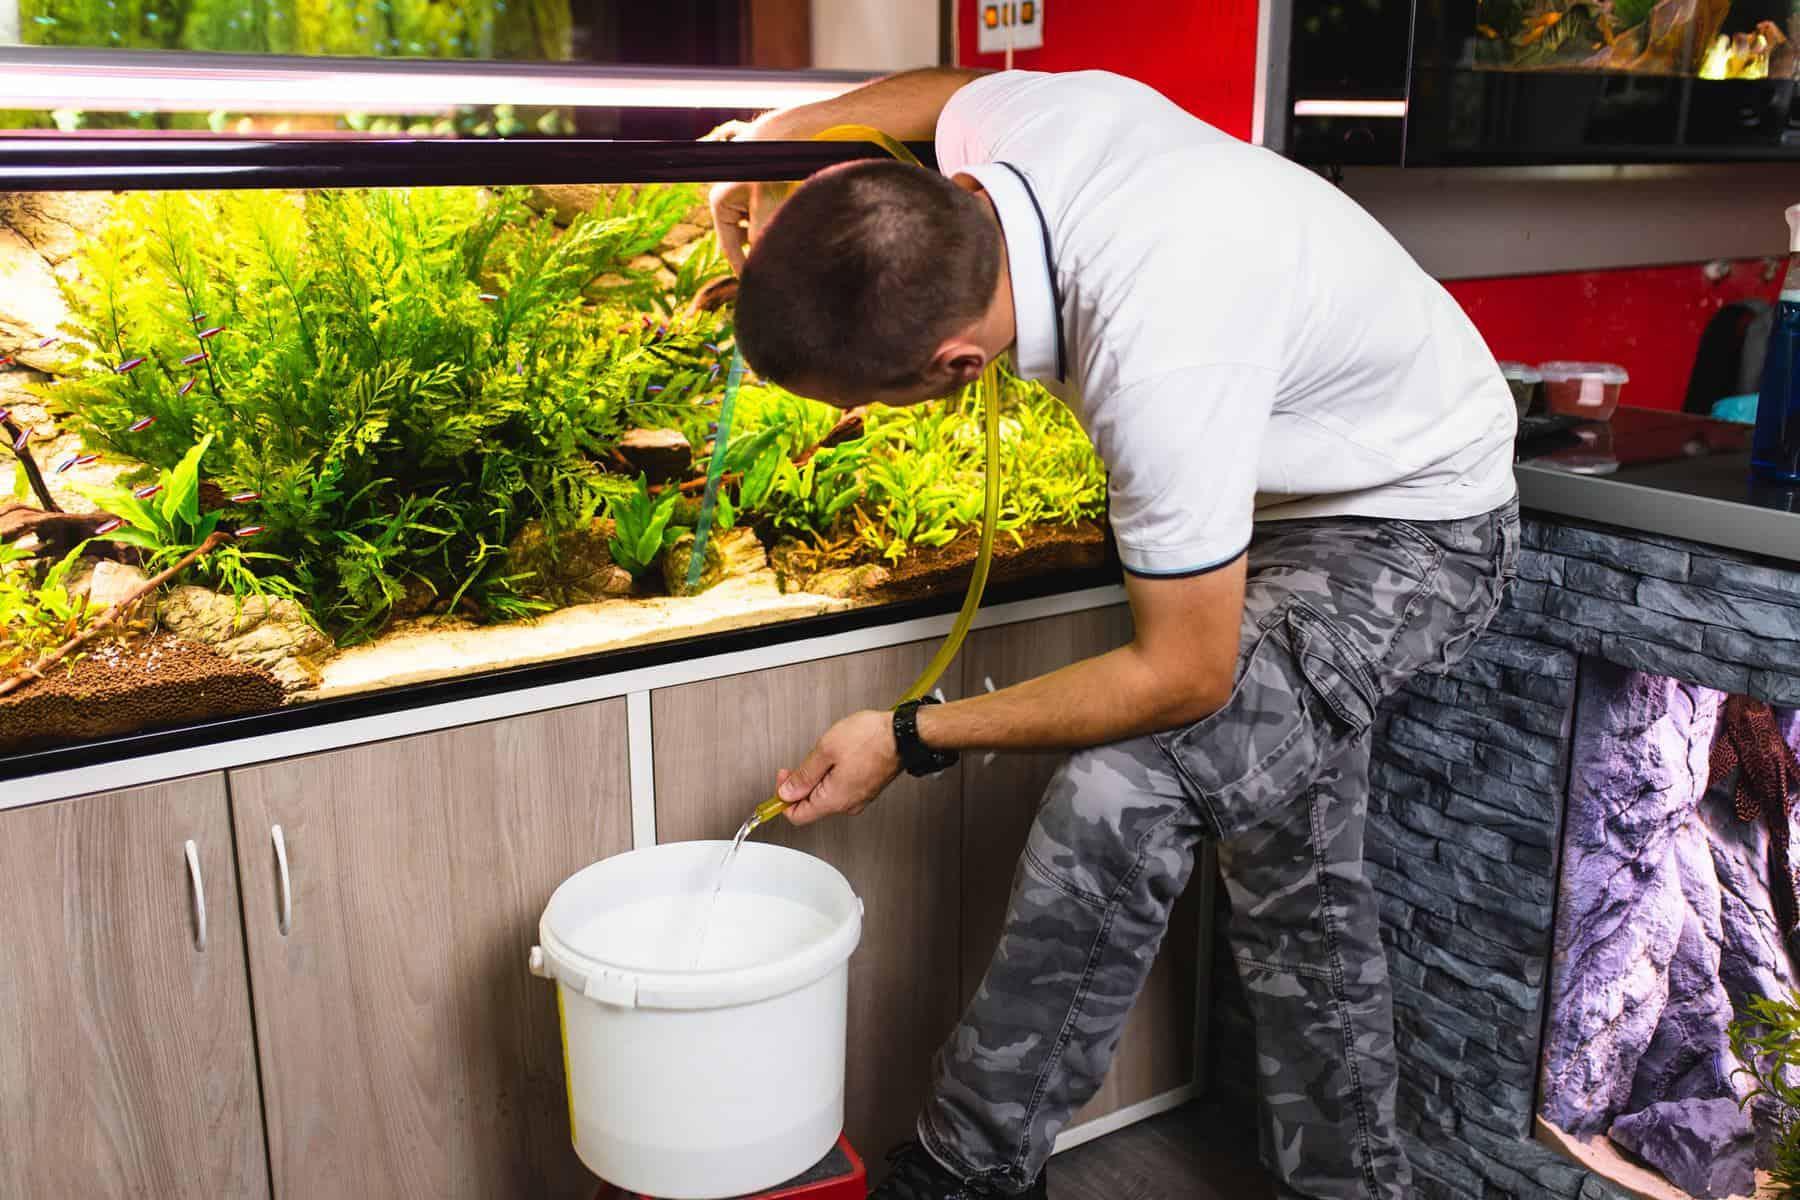 man changing water in aquarium